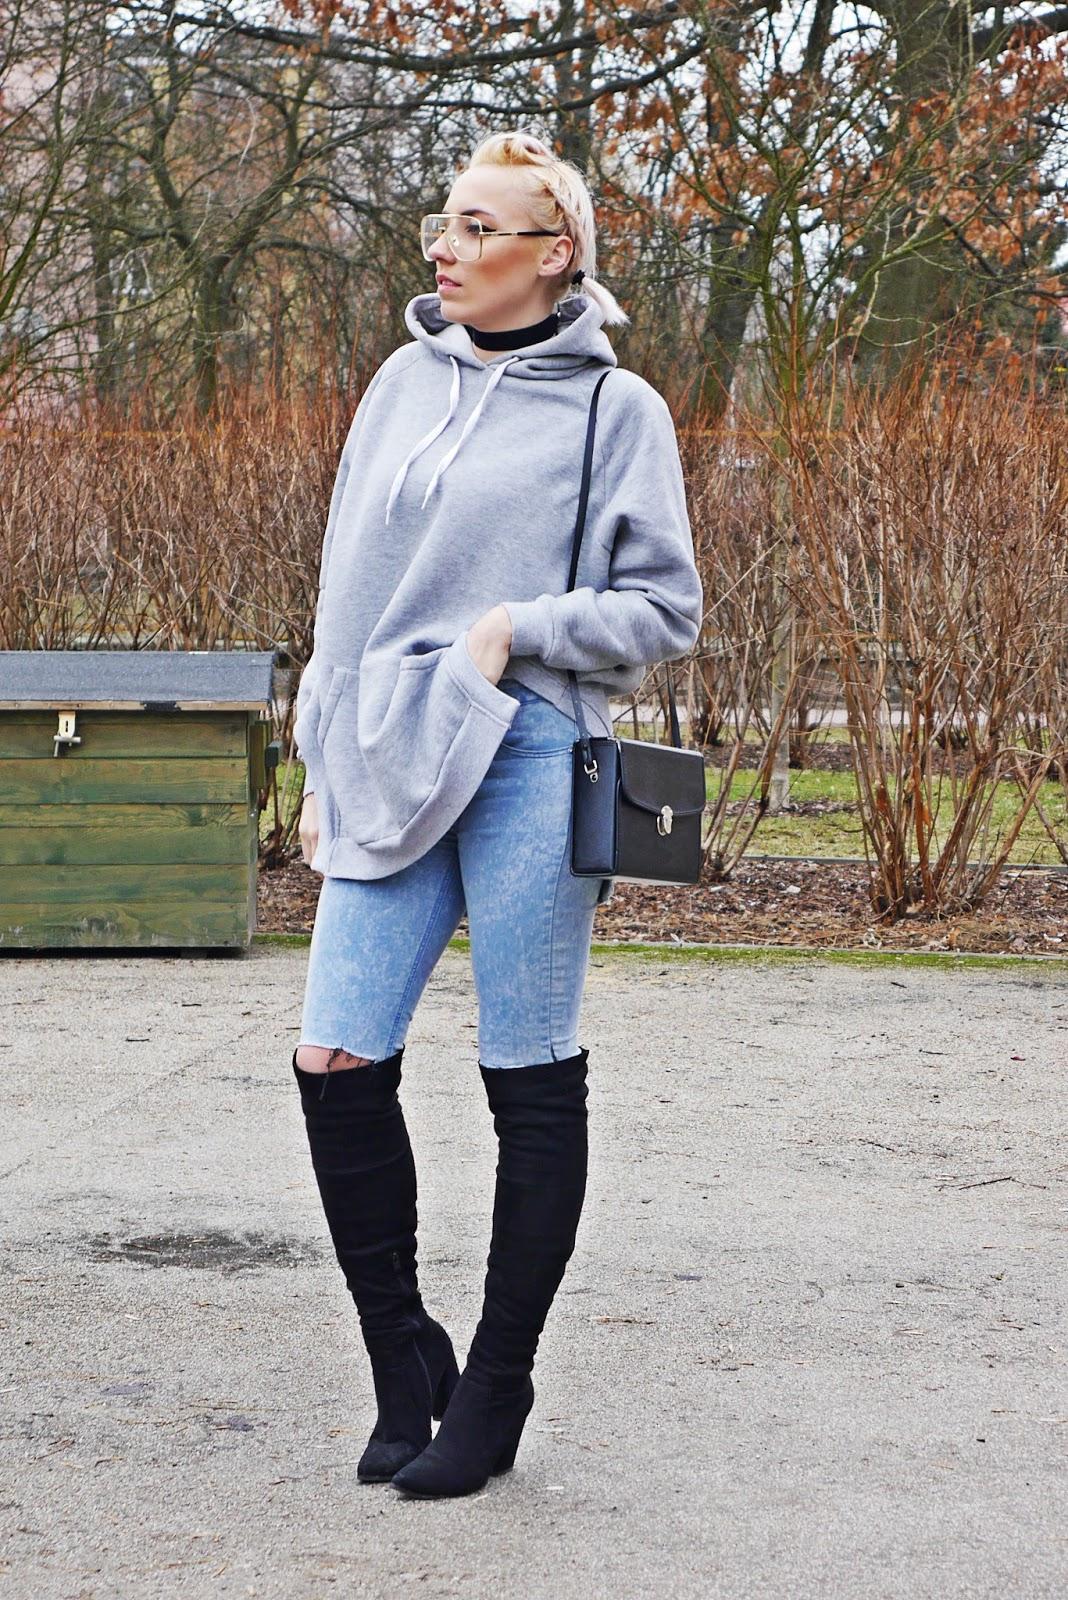 gray_hoodies_blue_jeans_black_boots_high_knee_look_karyn_020317